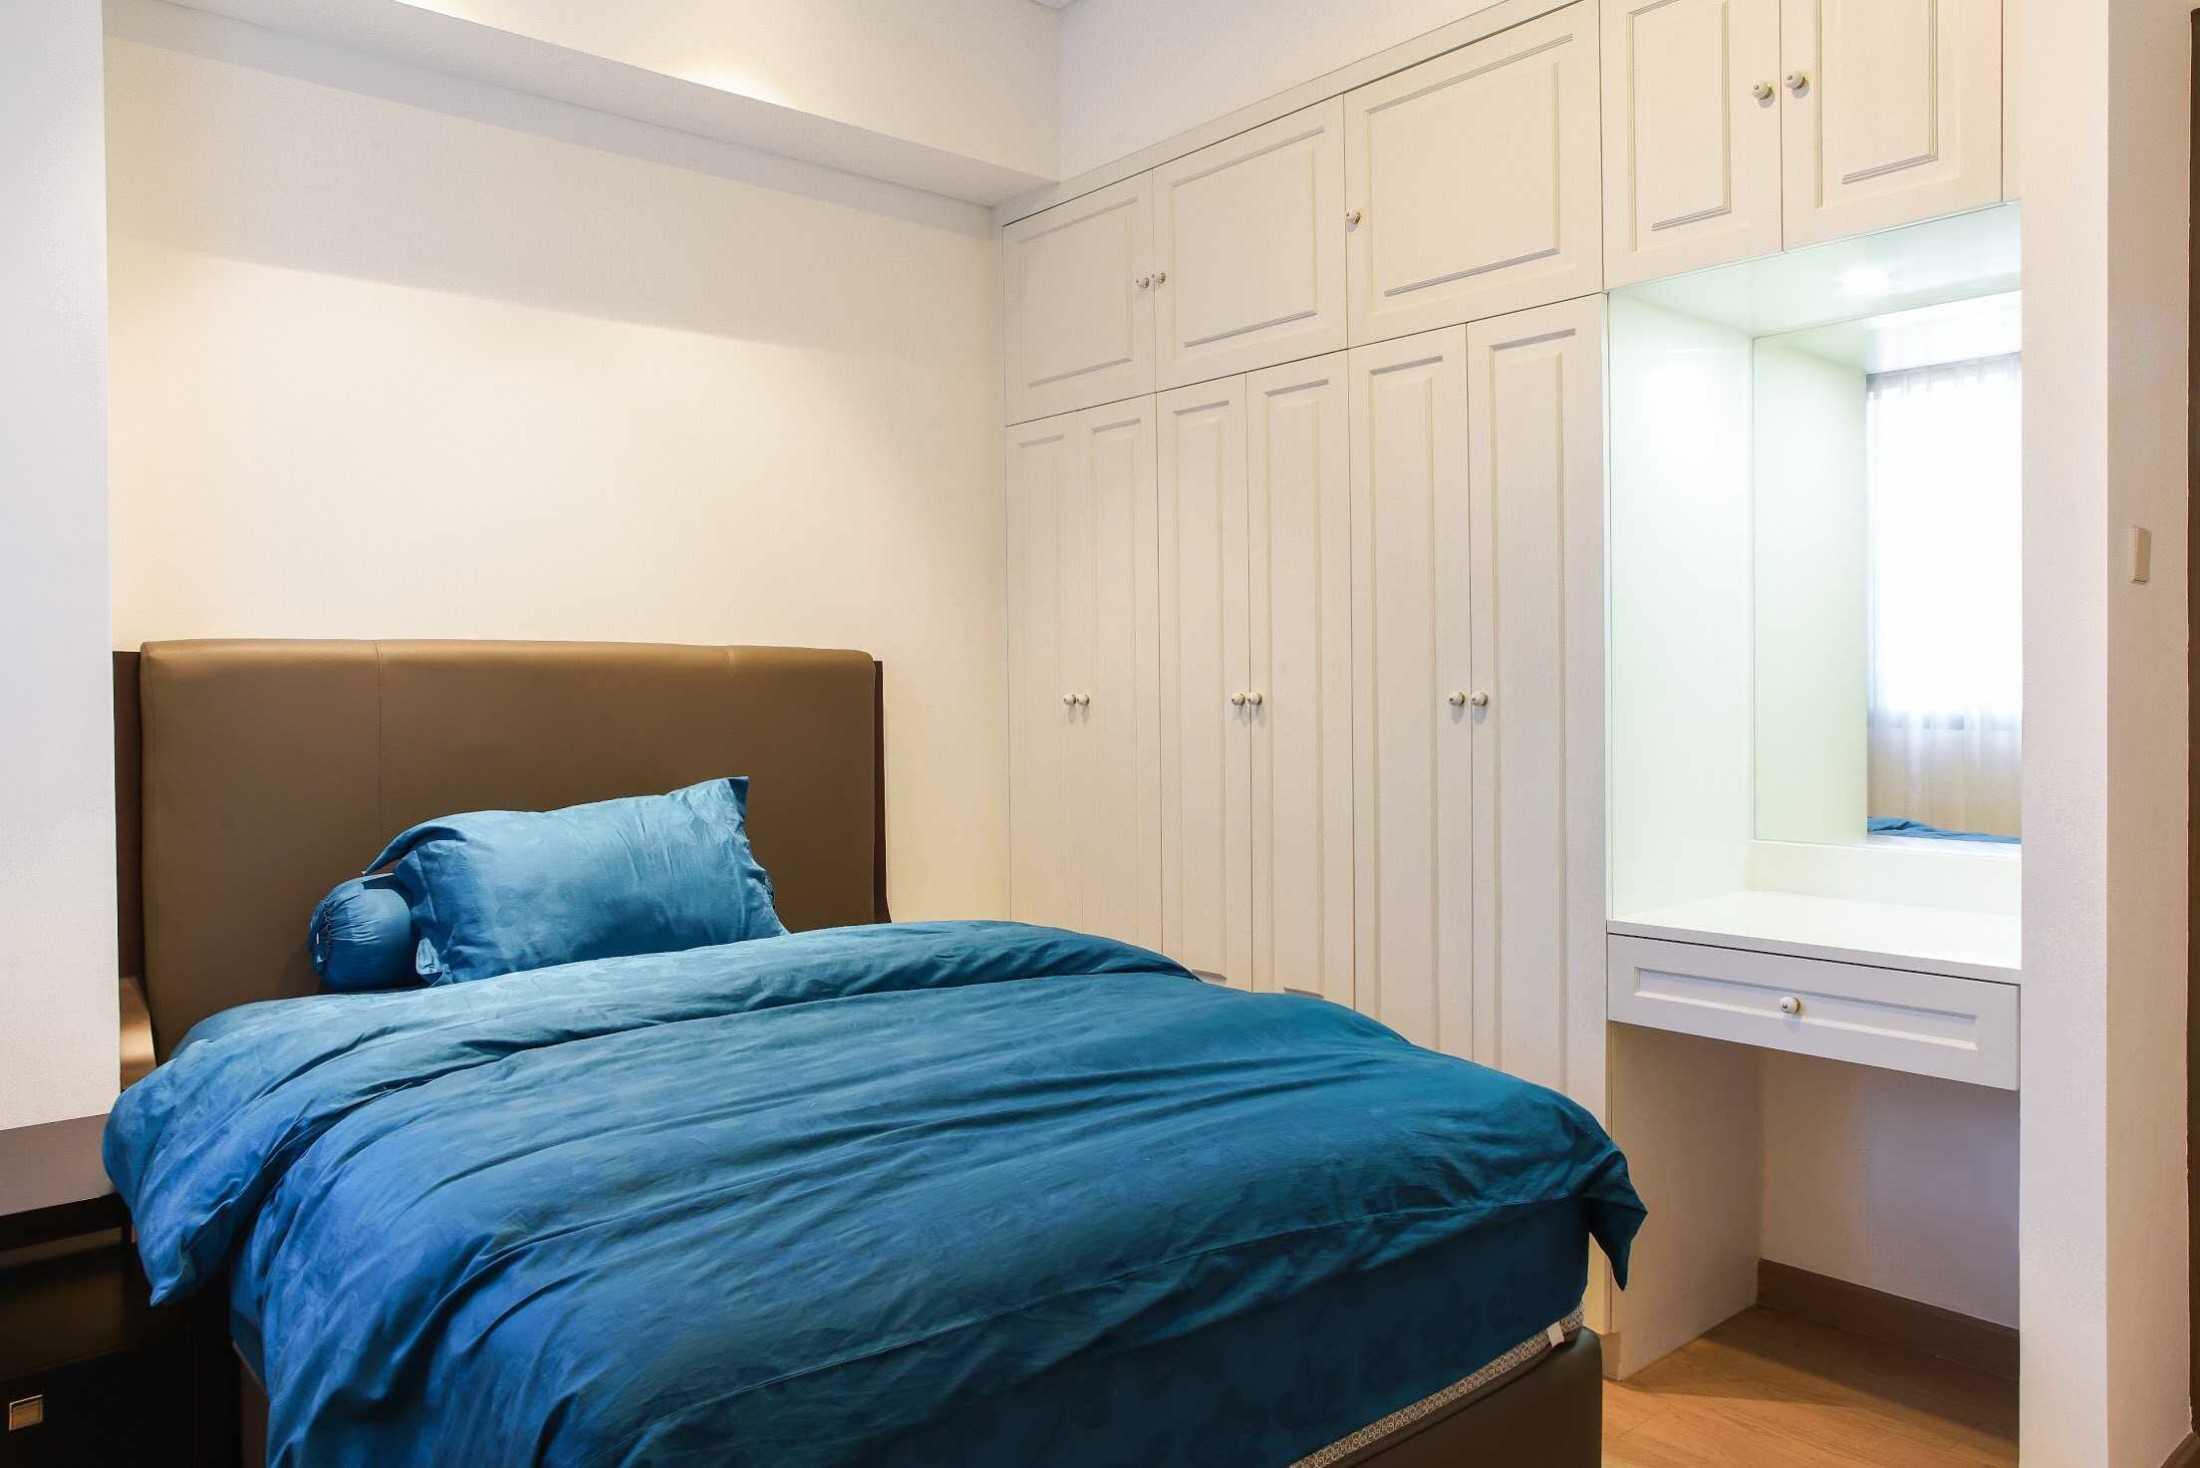 Foto inspirasi ide desain apartemen klasik Einhaus-1-park-avenue-apartment oleh EINHAUS di Arsitag